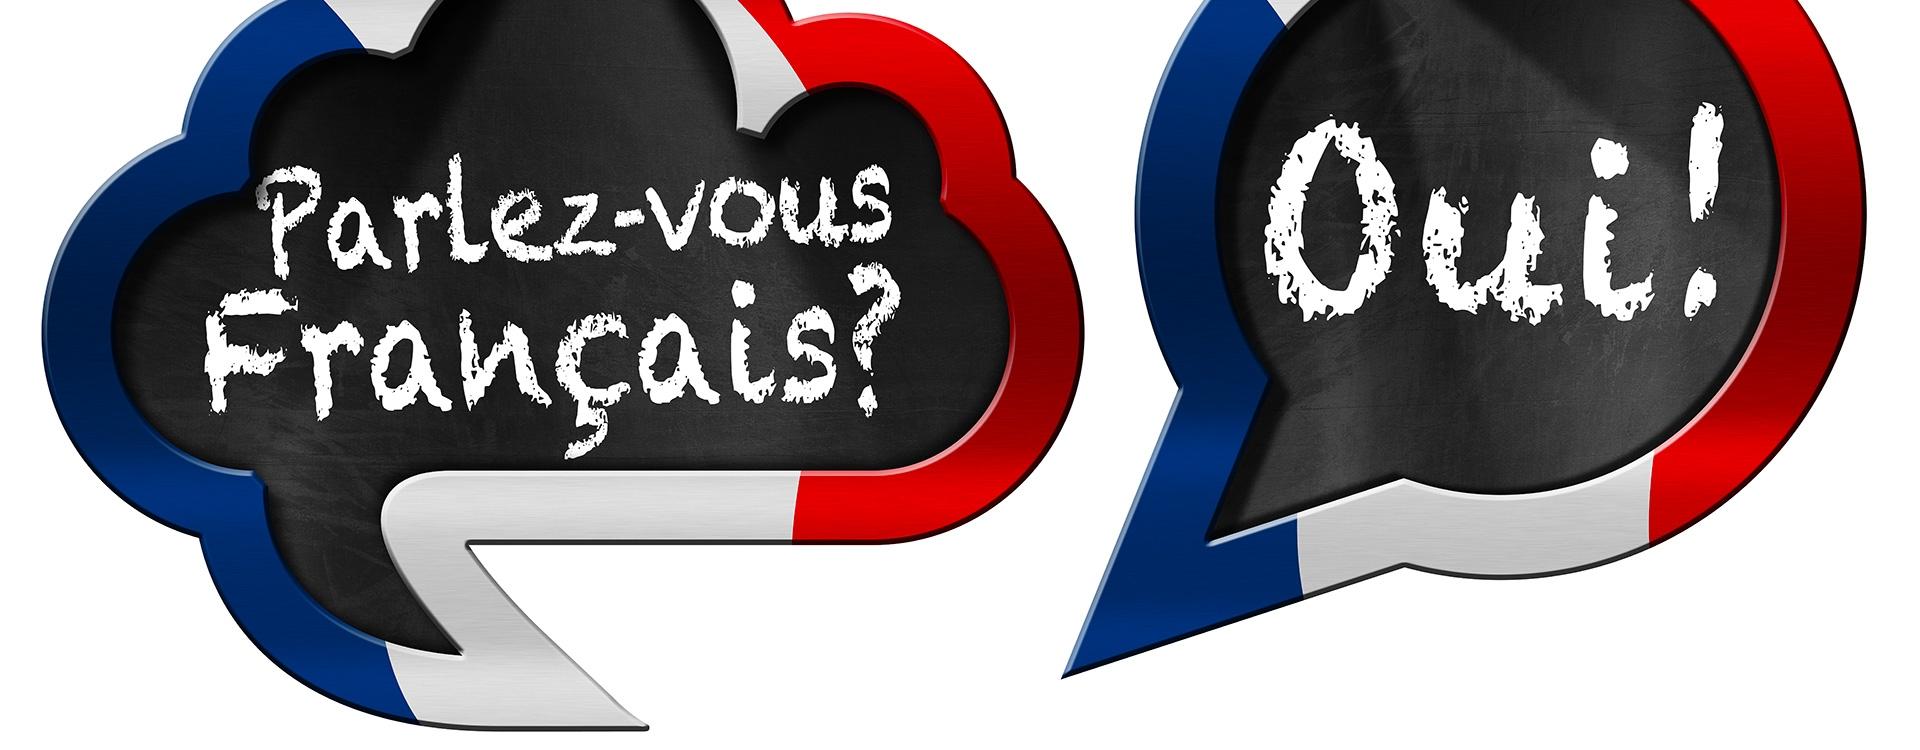 Le français, langue mondiale